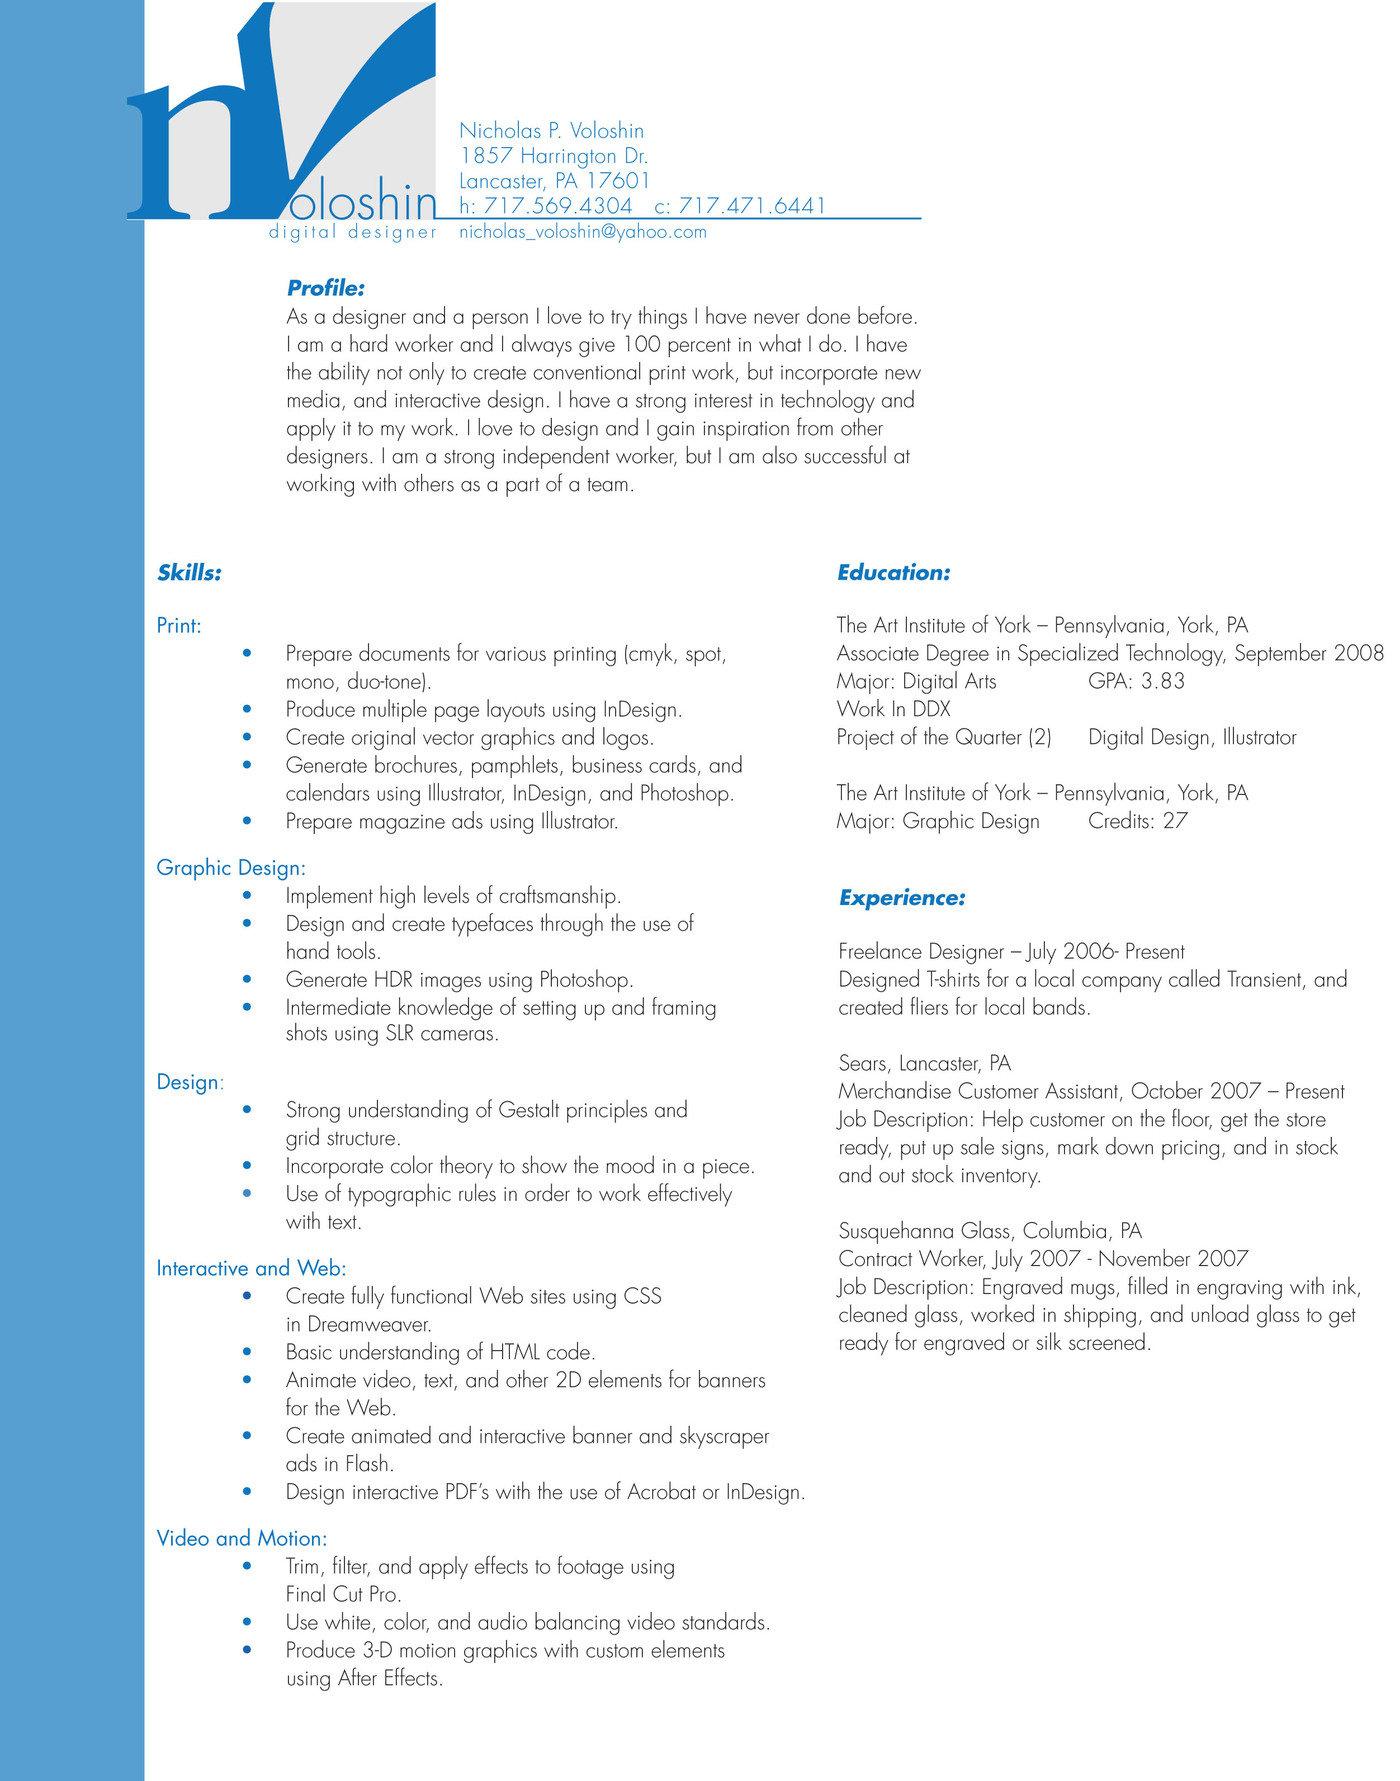 Resume by Nicholas Voloshin at Coroflot com